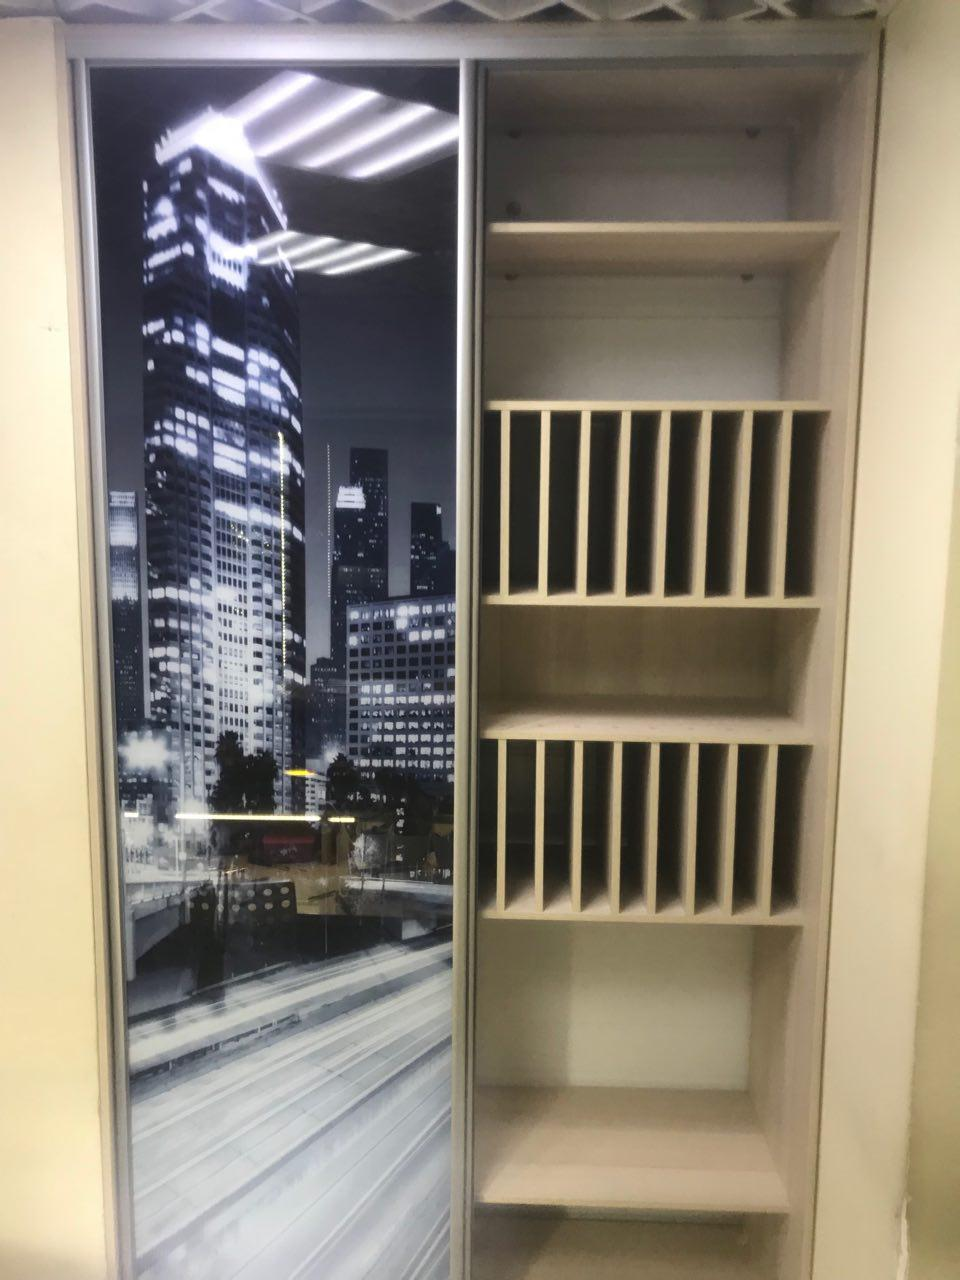 Встроенный шкаф-купе с фотопечатью Ночной Нью-Йорк читать отзыв